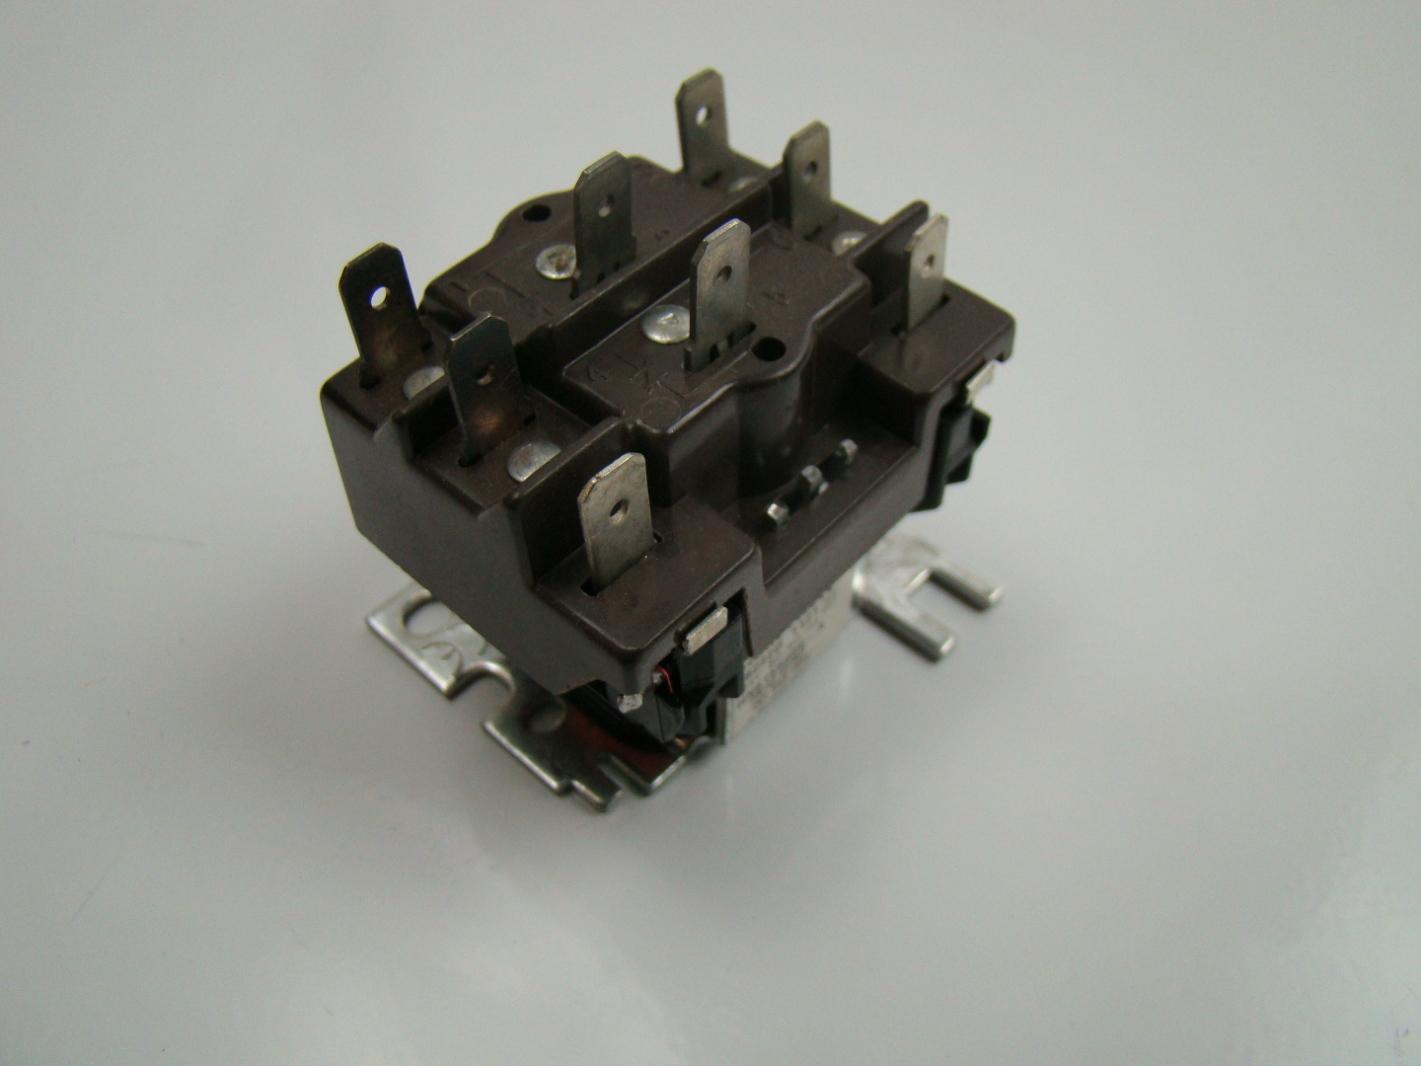 Honeywell RELAY DPDT AMP V V RD  EBay - Dpdt relay buy